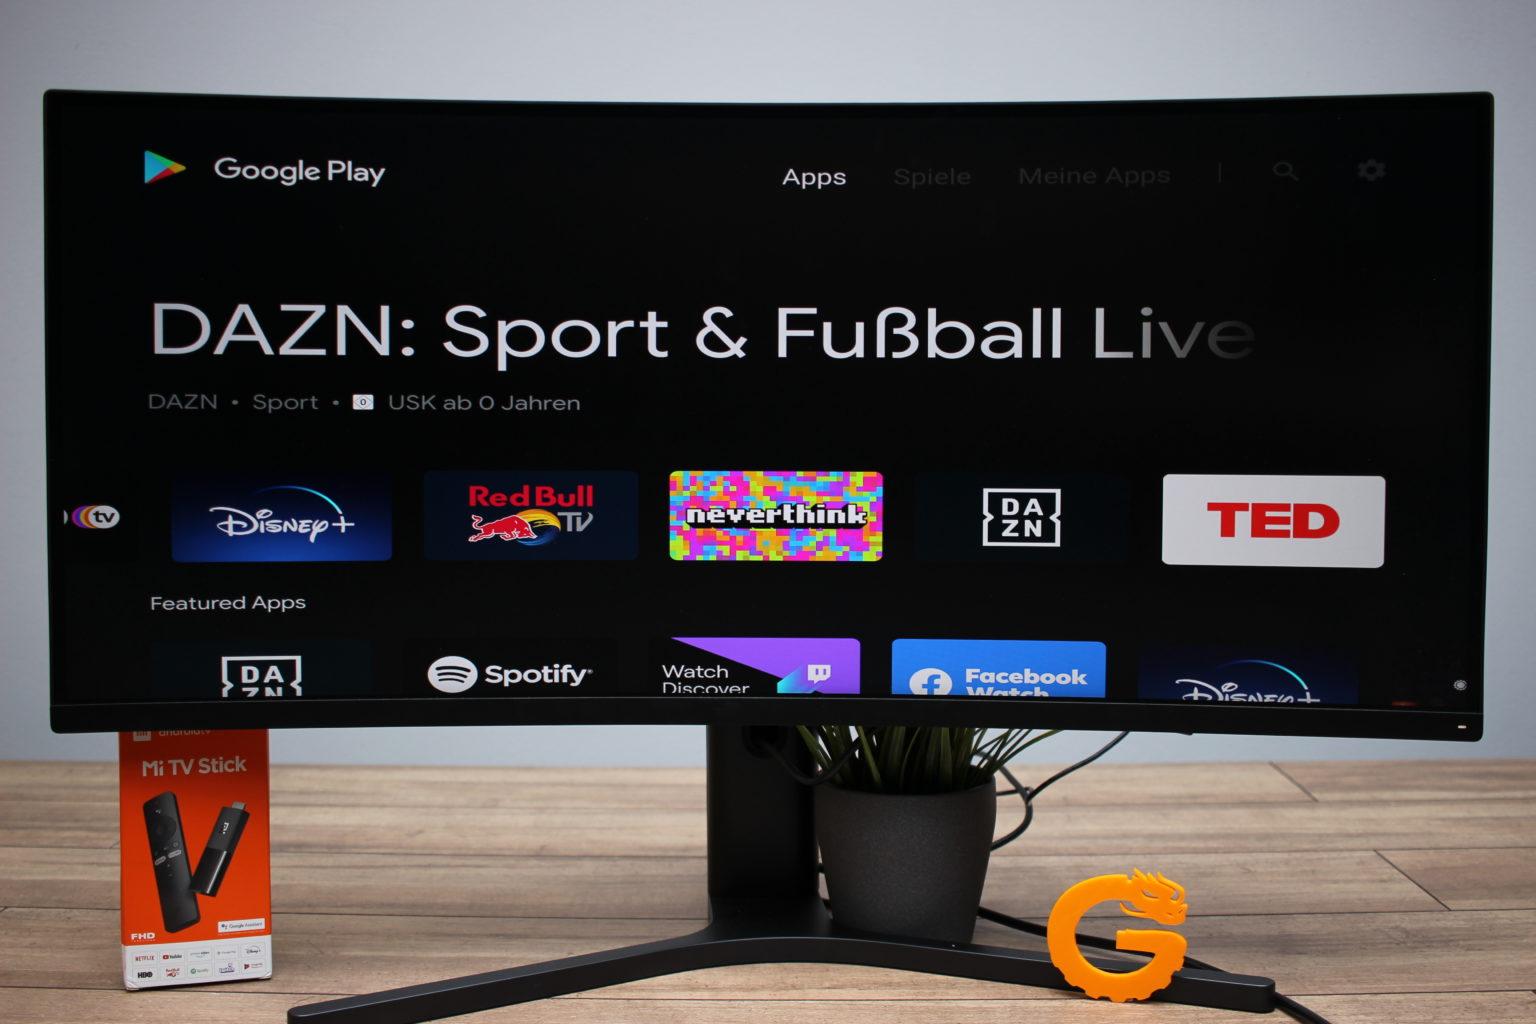 Aplicaciones del Xiaomi Mi TV Stick